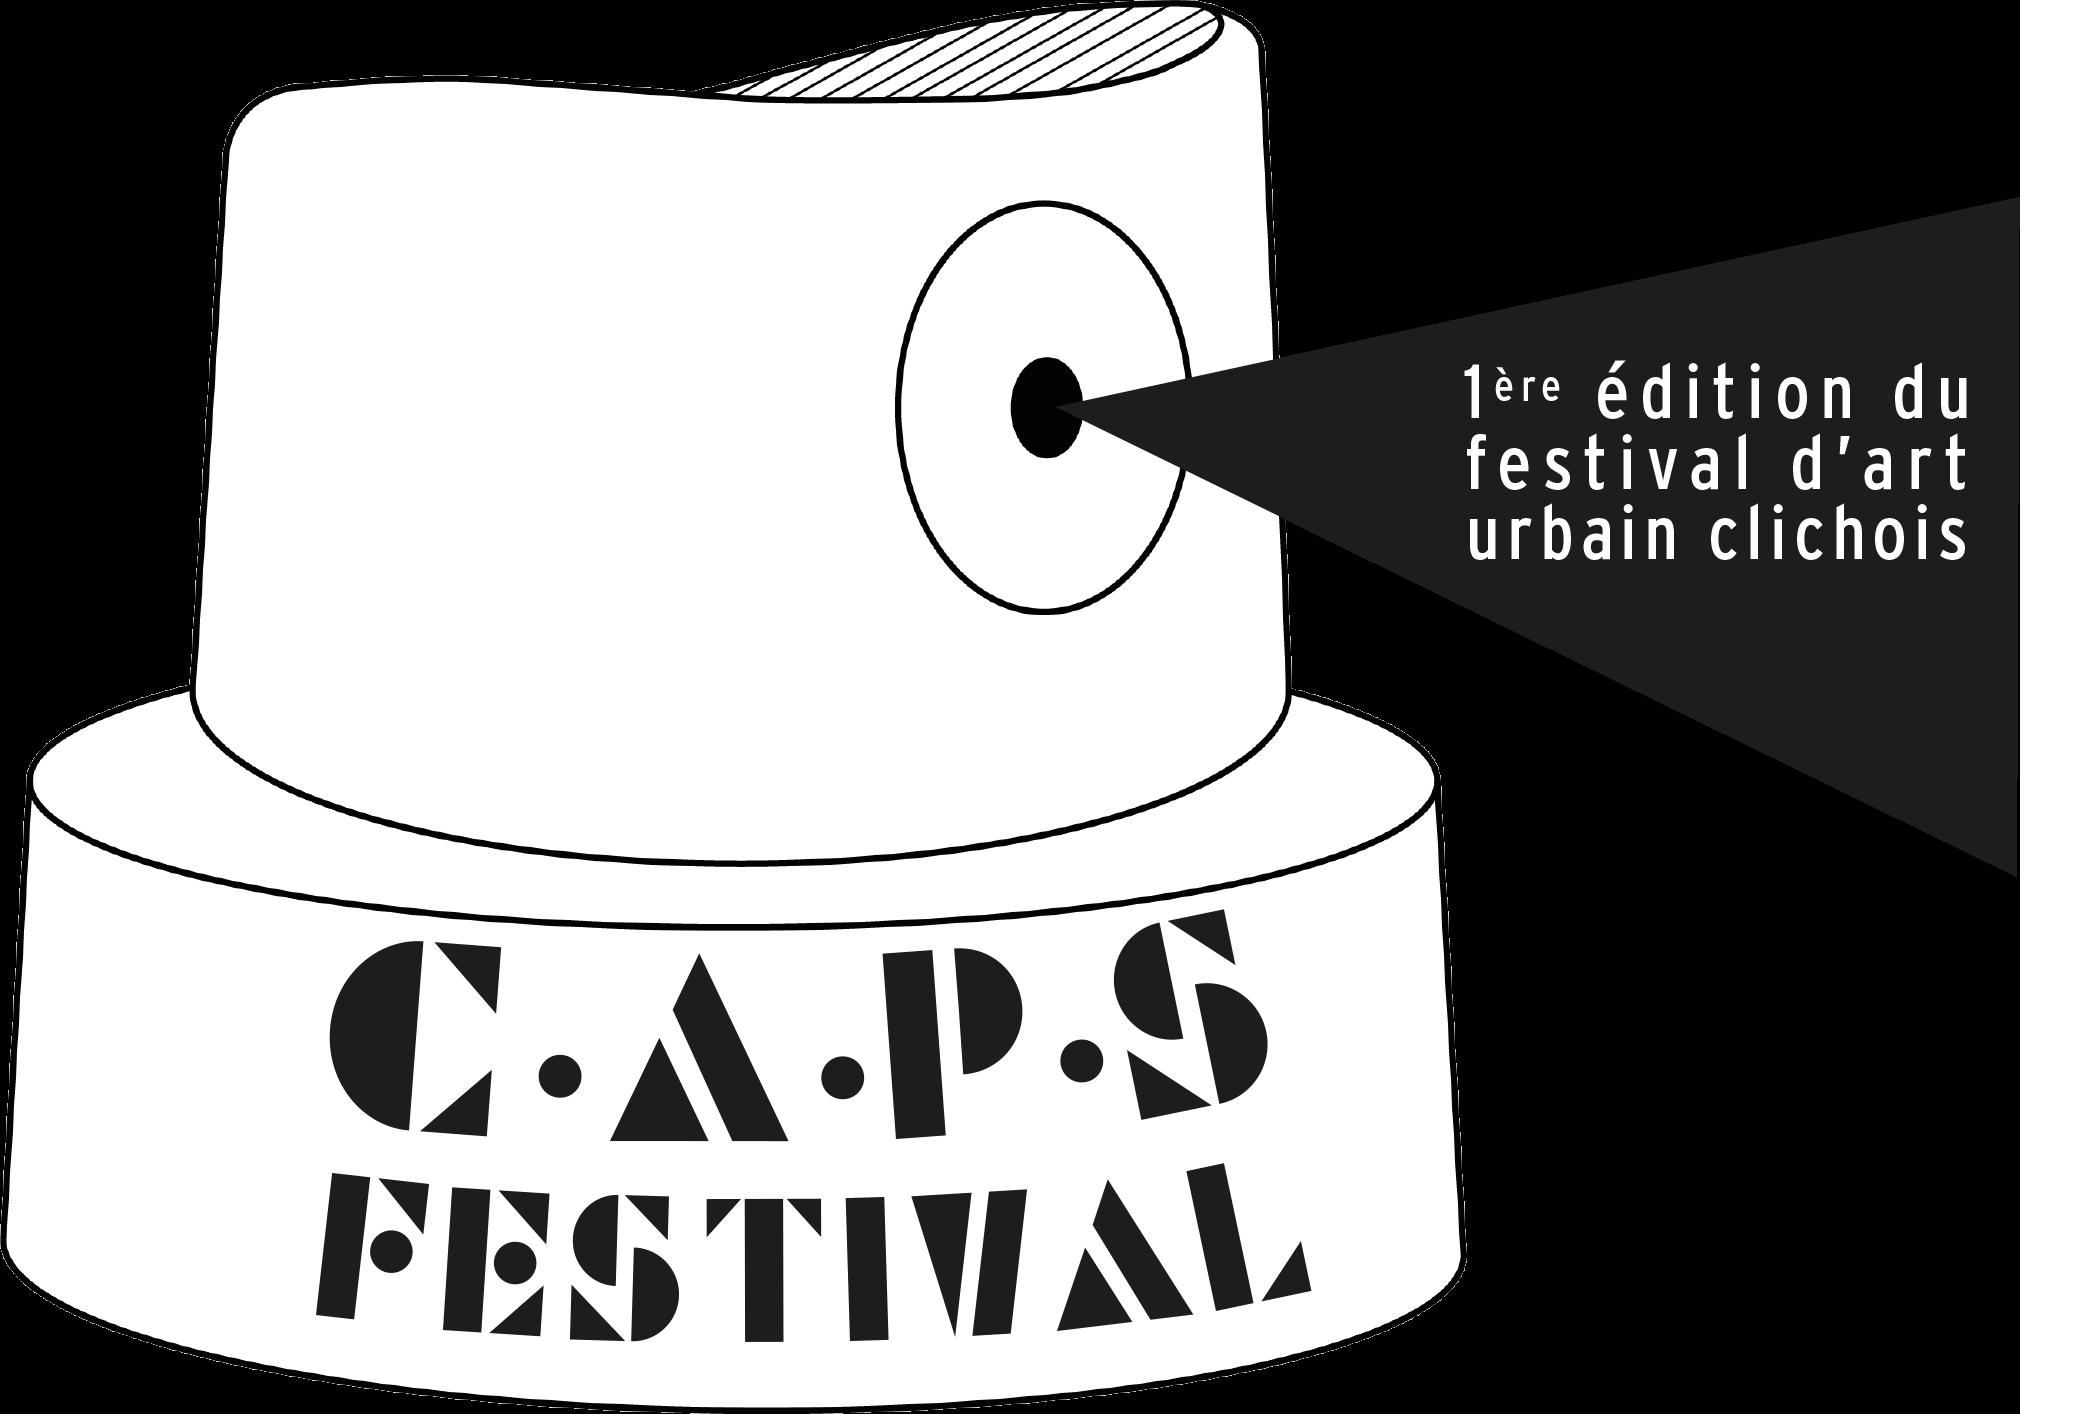 CAPS FESTIVAL 2021M